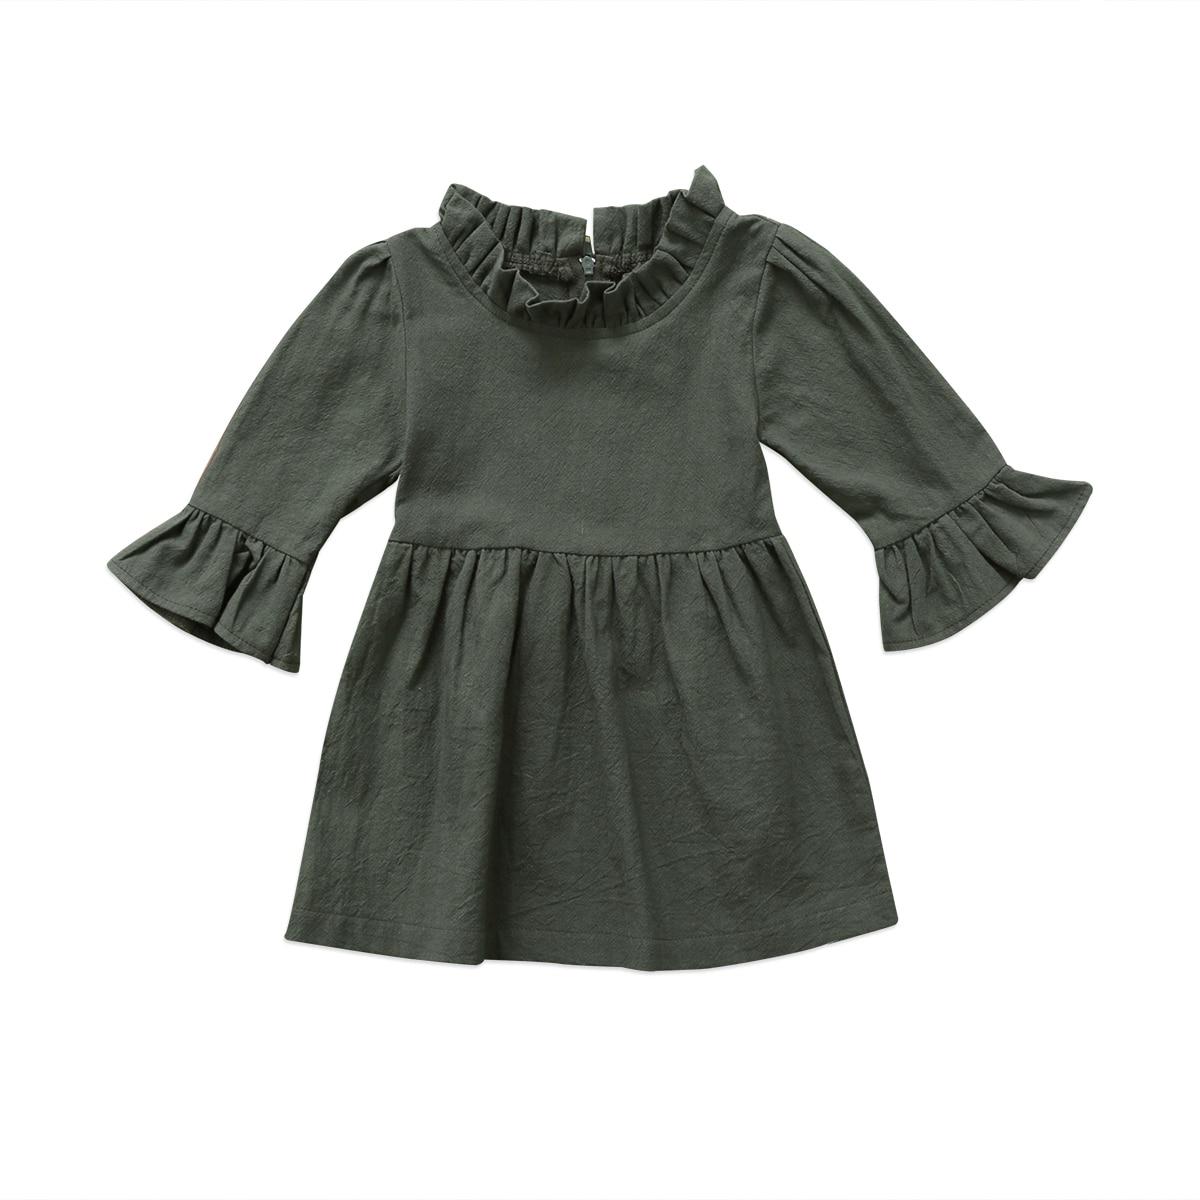 Ropa de vestir para niño pequeño, Chico, bebé, ropa de otoño para niña, vestido de cuello alto de manga volante verde militar sólido de tres cuartos